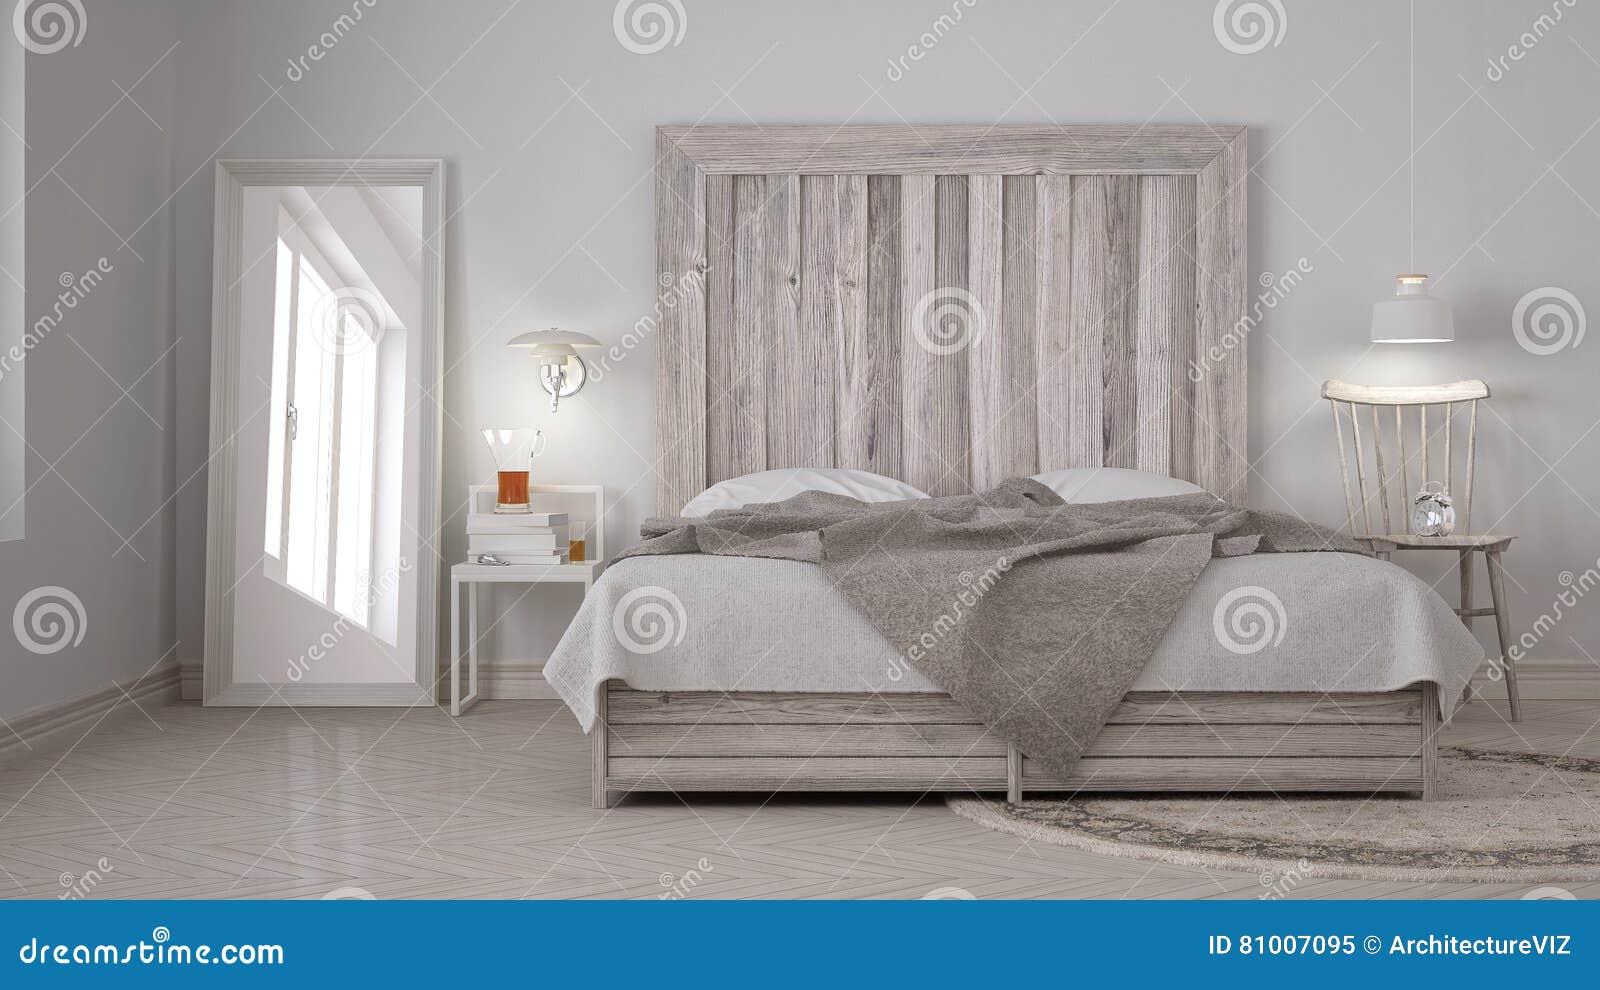 Testata Letto Con Porta Vecchia camera da letto di diy, letto con la testata di legno, eco